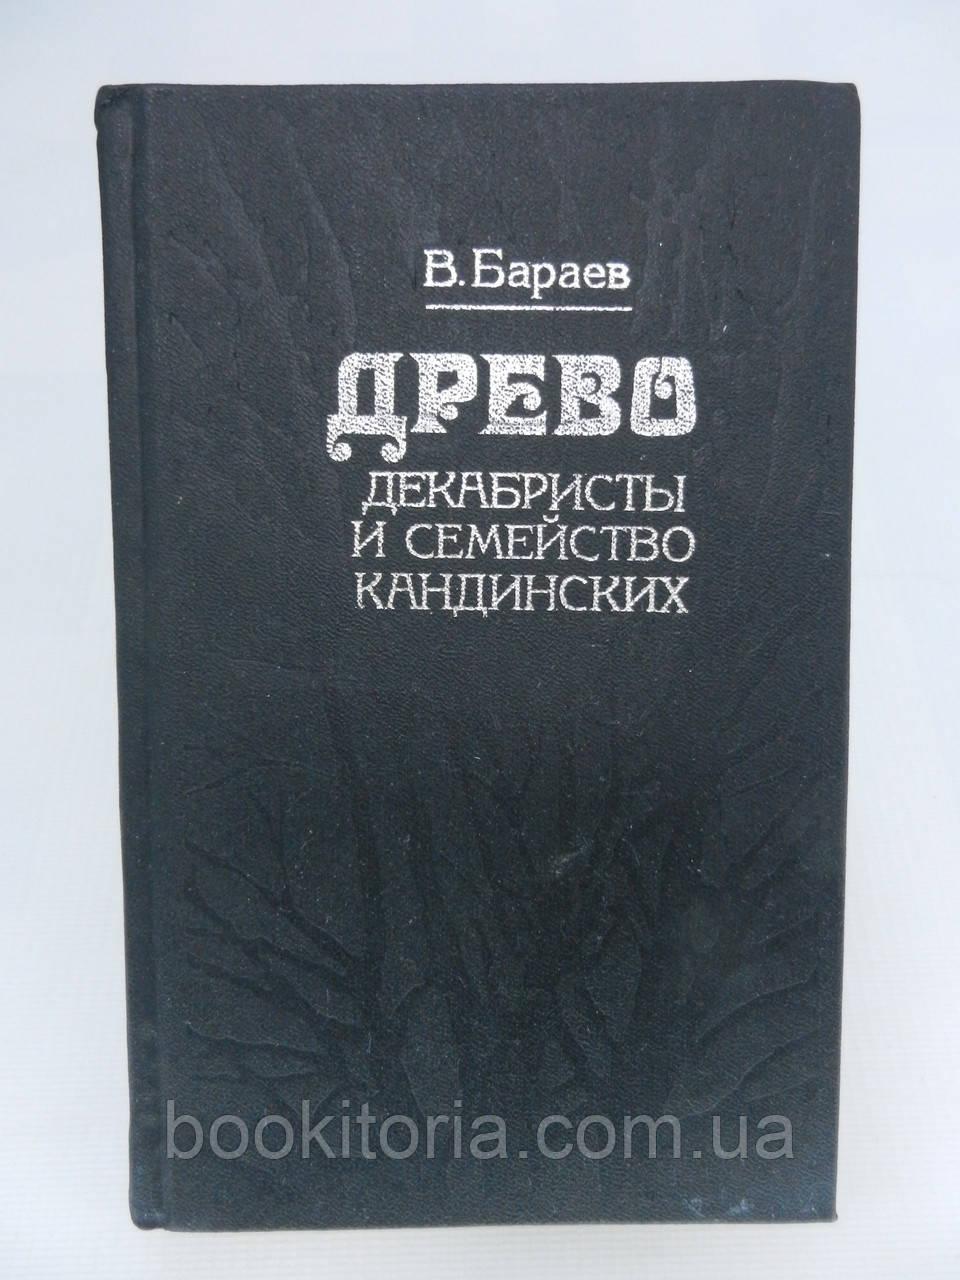 Бараев В. Древо: декабристы и семейство Кандинских (б/у).